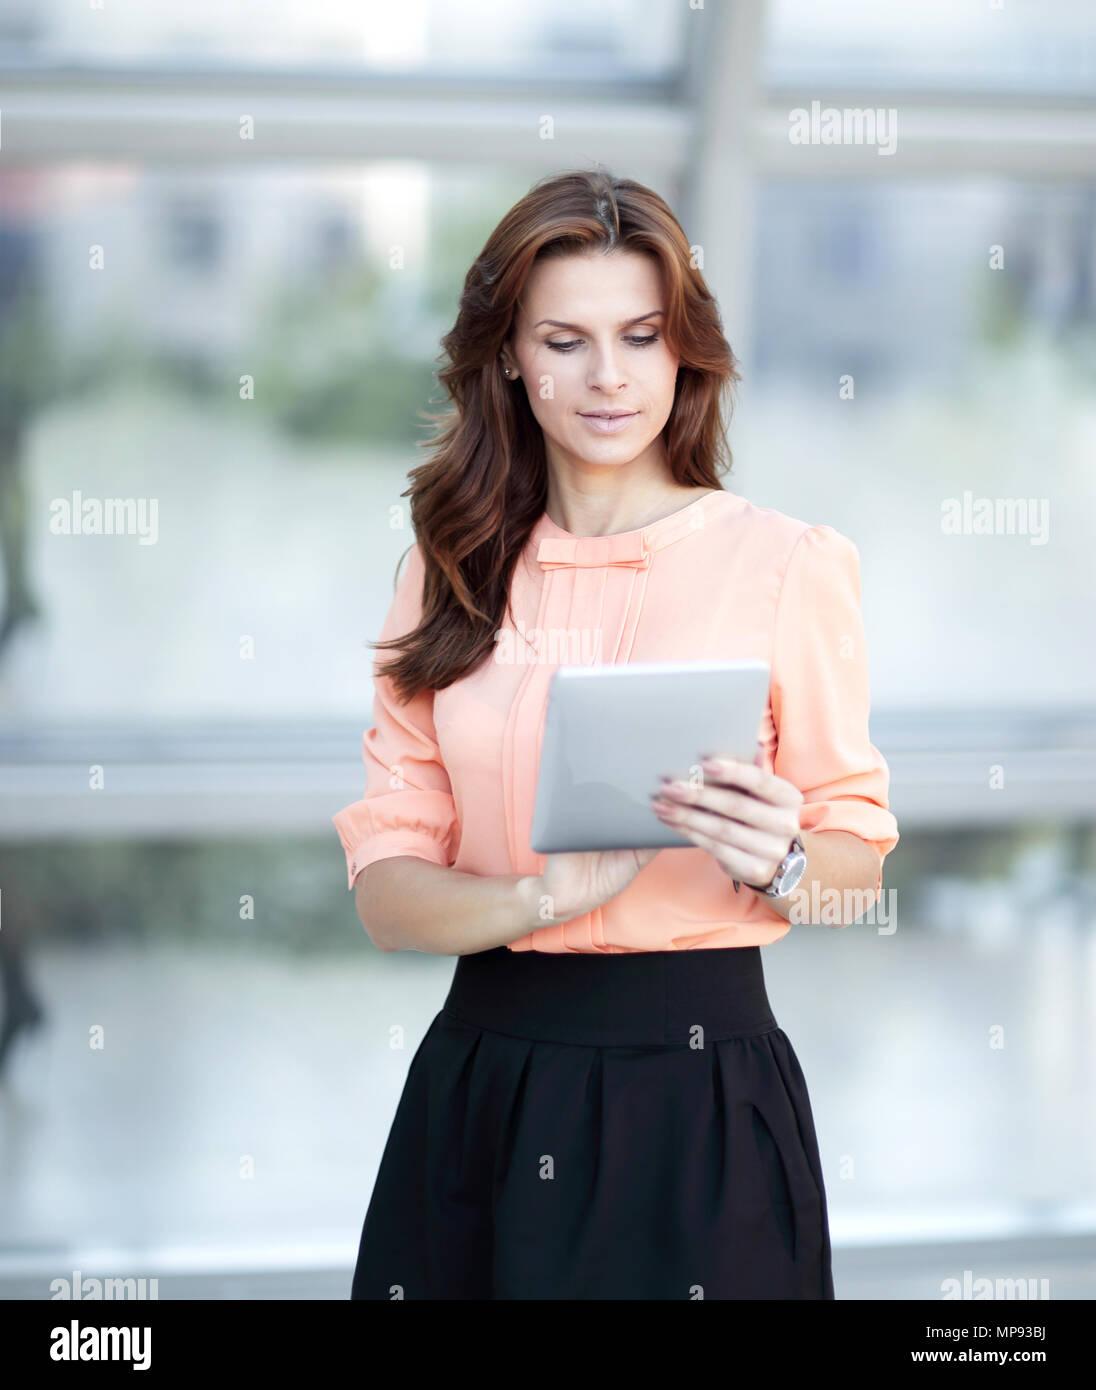 Mujer de negocios moderno escribir texto en una tableta digital. Imagen De Stock